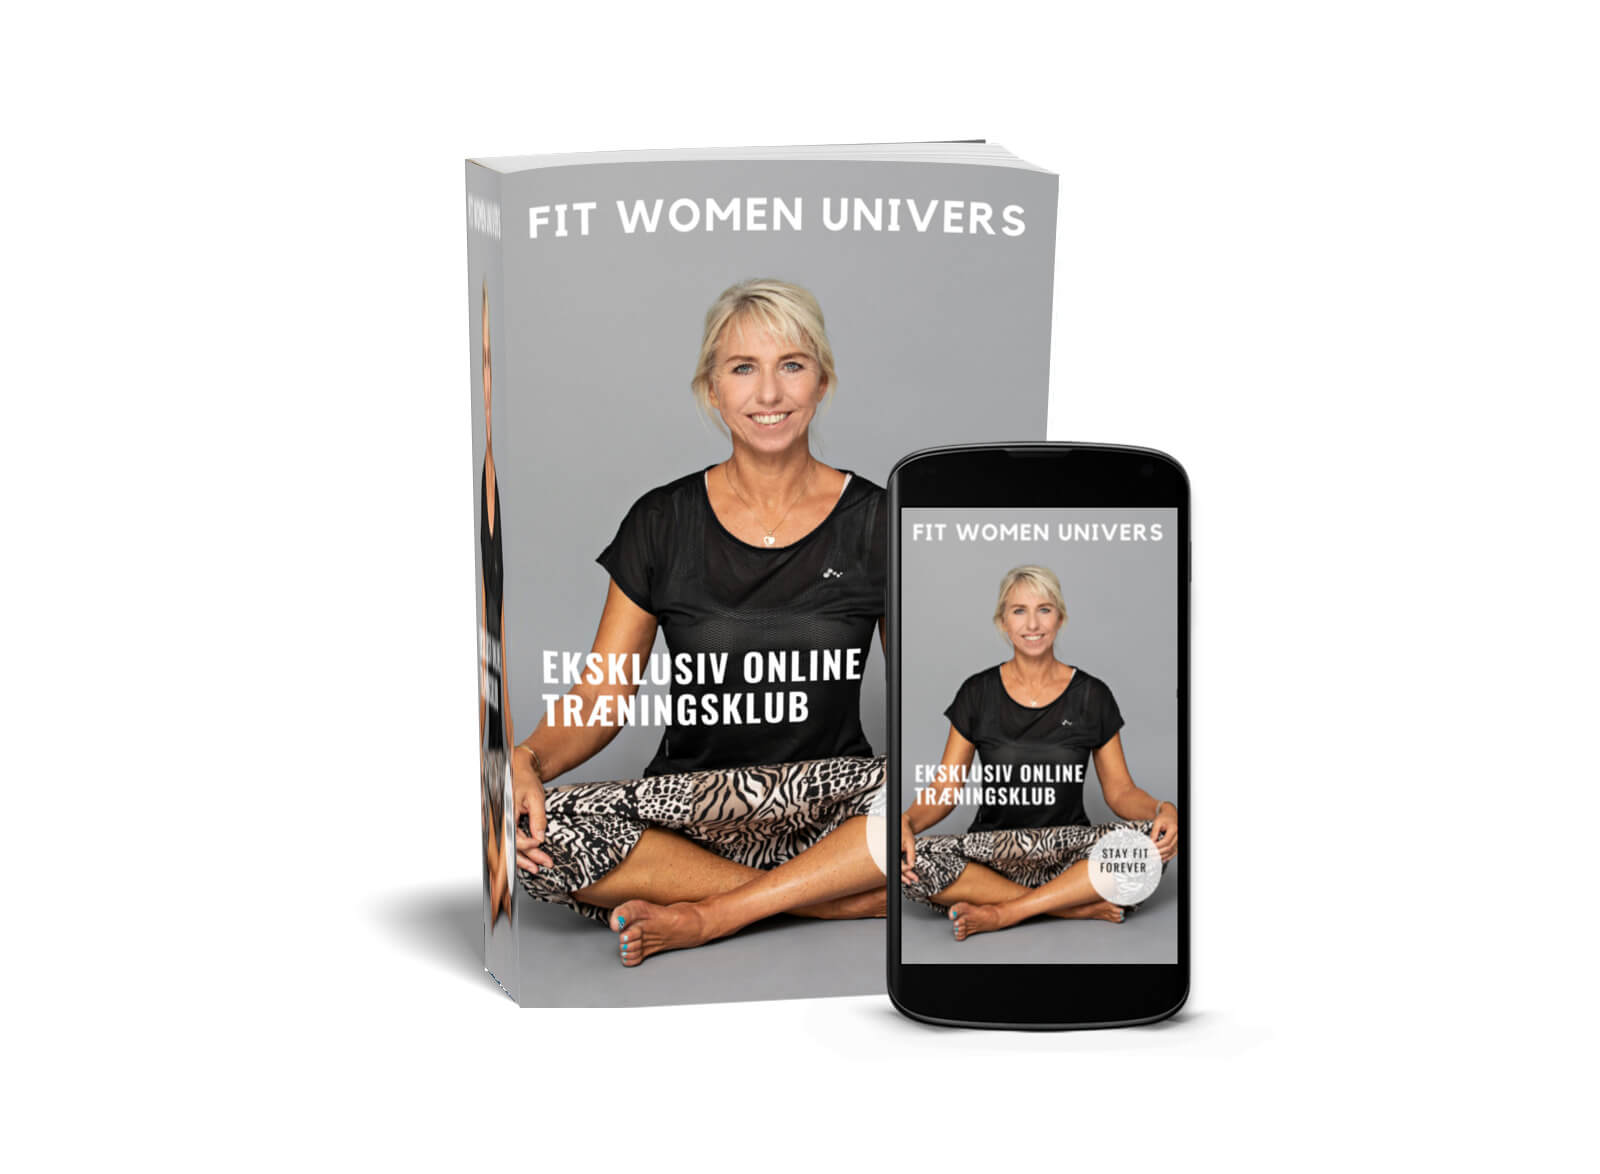 Eksklusiv online træningsklub for kvinder i overgangsalderen